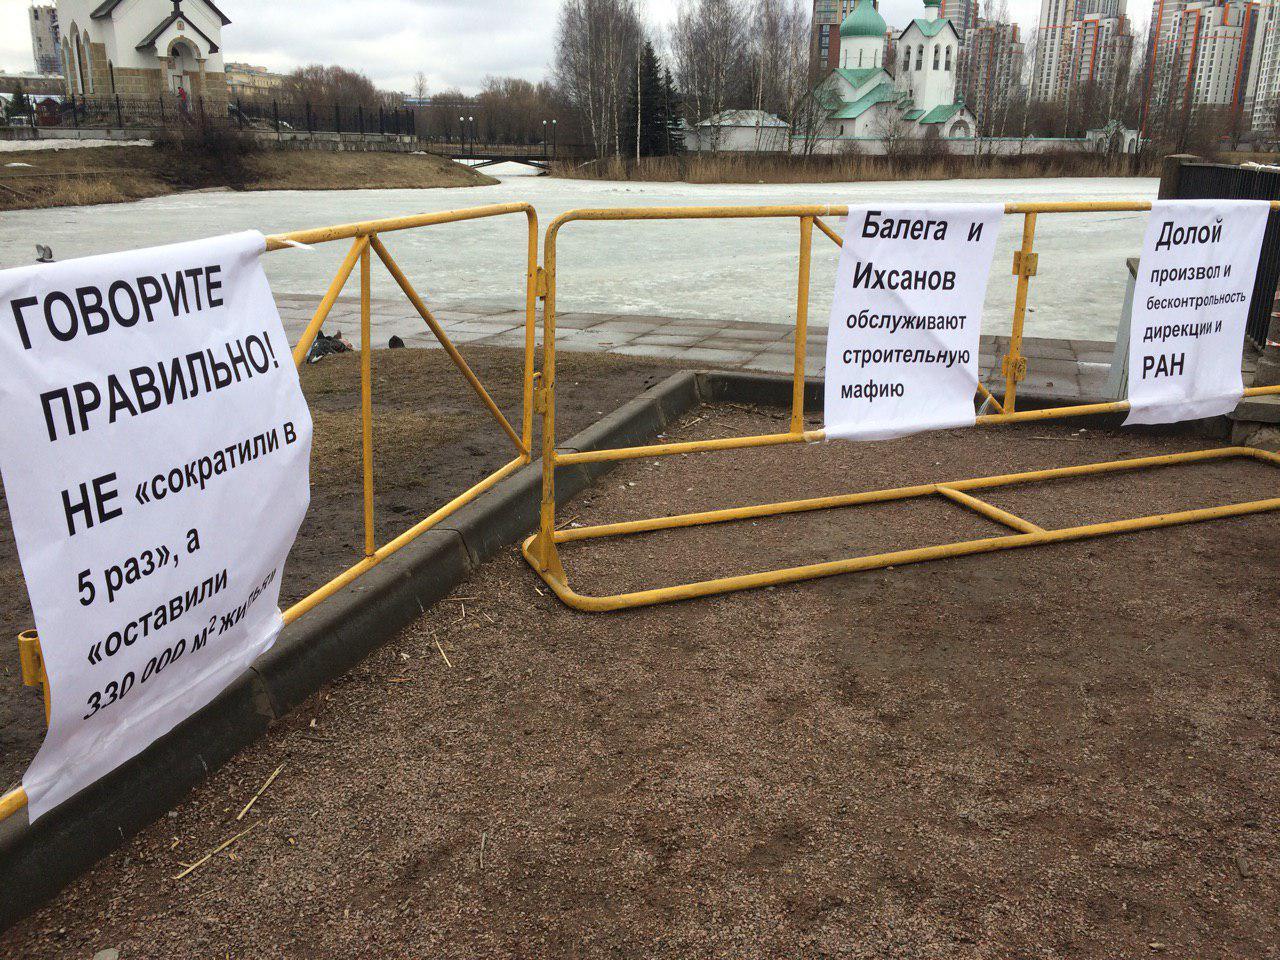 фото ЗакС политика В Петербурге начался митинг в защиту Пулковской обсерватории от застройки